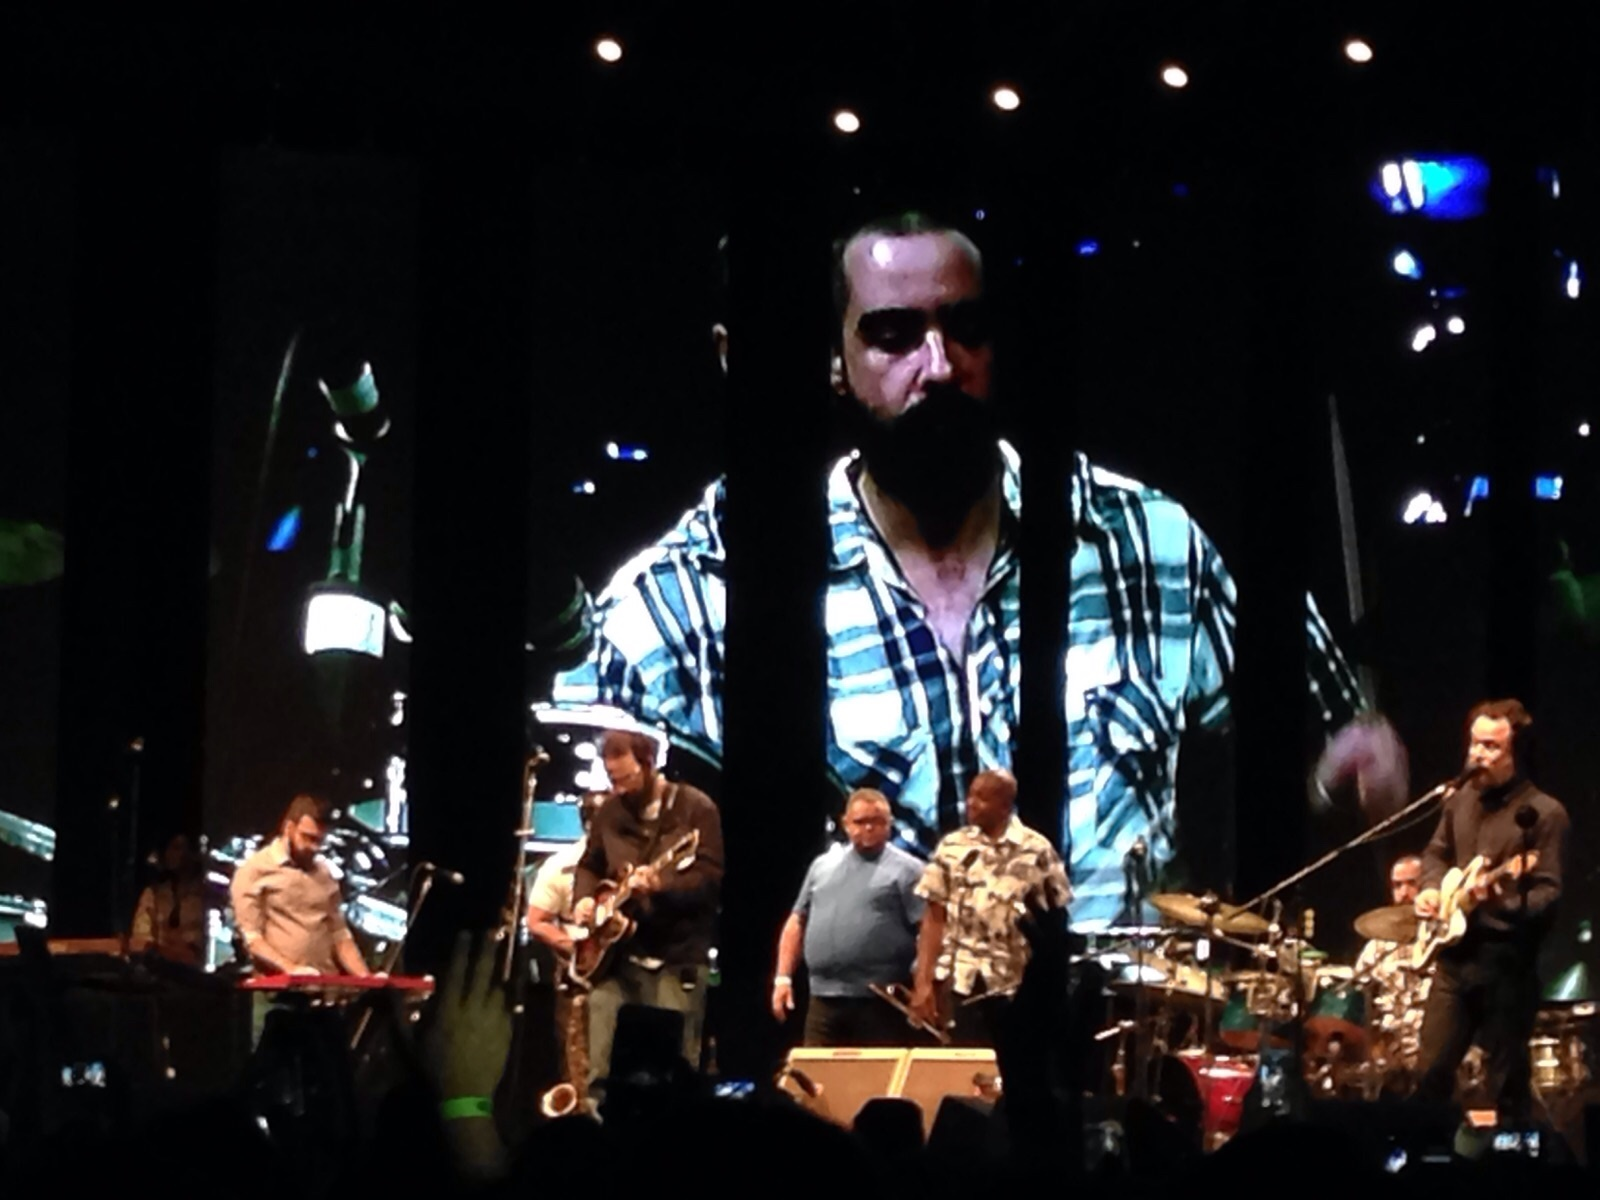 Los Hermanos: show apenas com os hits da banda